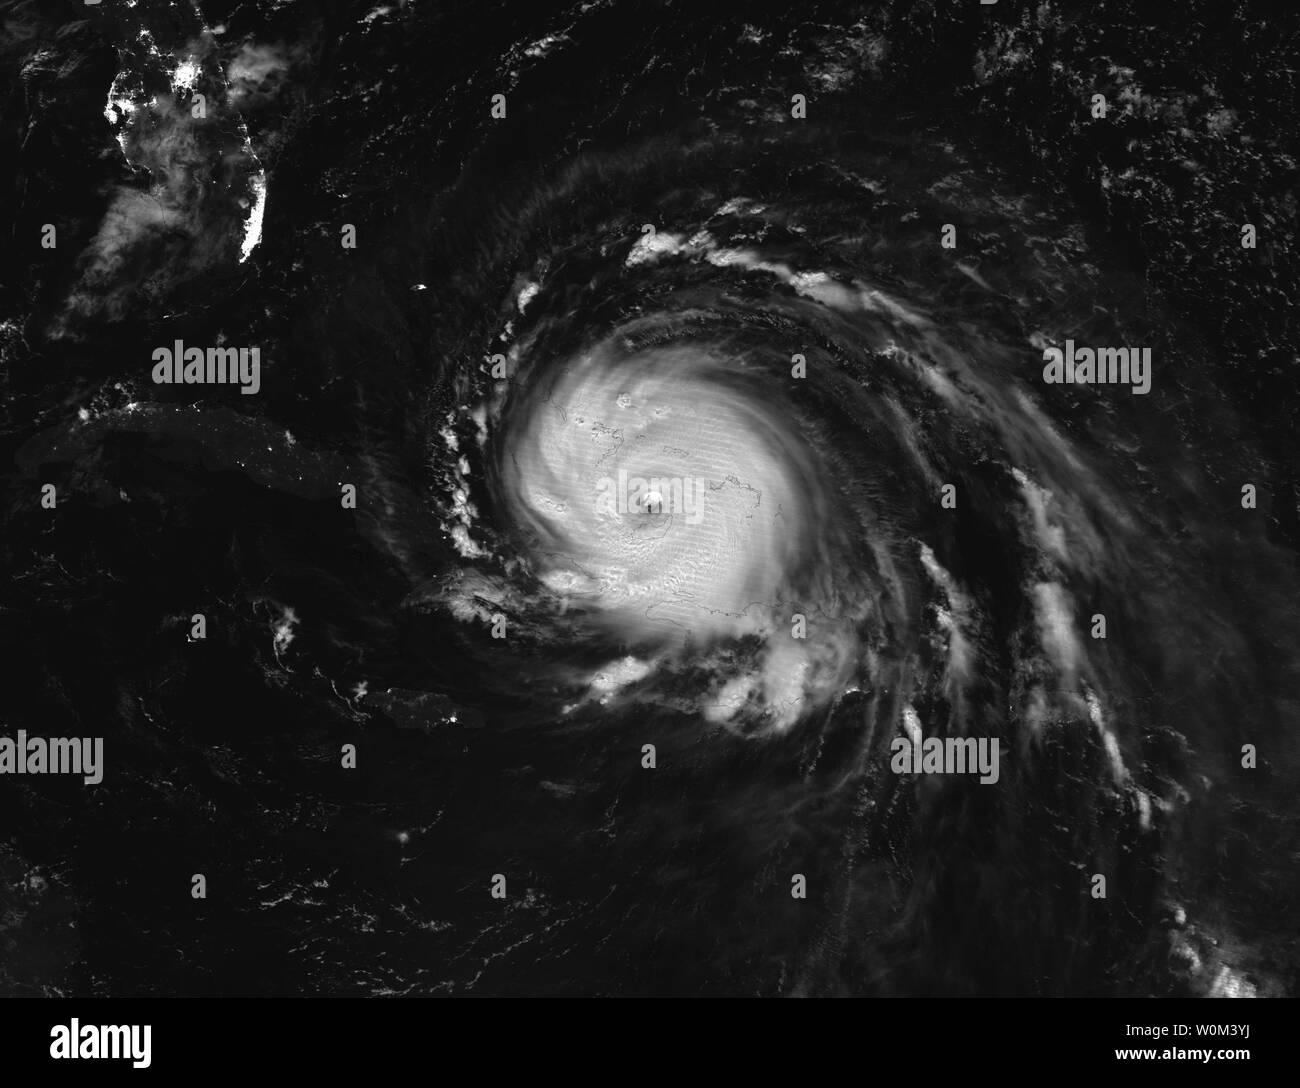 La NASA-NOAA's Suomi satellite NPP catturato questo Giorno/Notte Band image di uragano Irma oltre i turchi, Caicos e Bahamas Su settembre 8, 2017 a 2:36 a.m. EDT (0636 UTC). Florida della divisione nella gestione delle situazioni di emergenza si stima che 5,6 milioni di Floridians sono state ordinate per evacuare in quanto membro prepara per Irma per fare approdo domenica mattina presto. La NASA/UPI Foto Stock